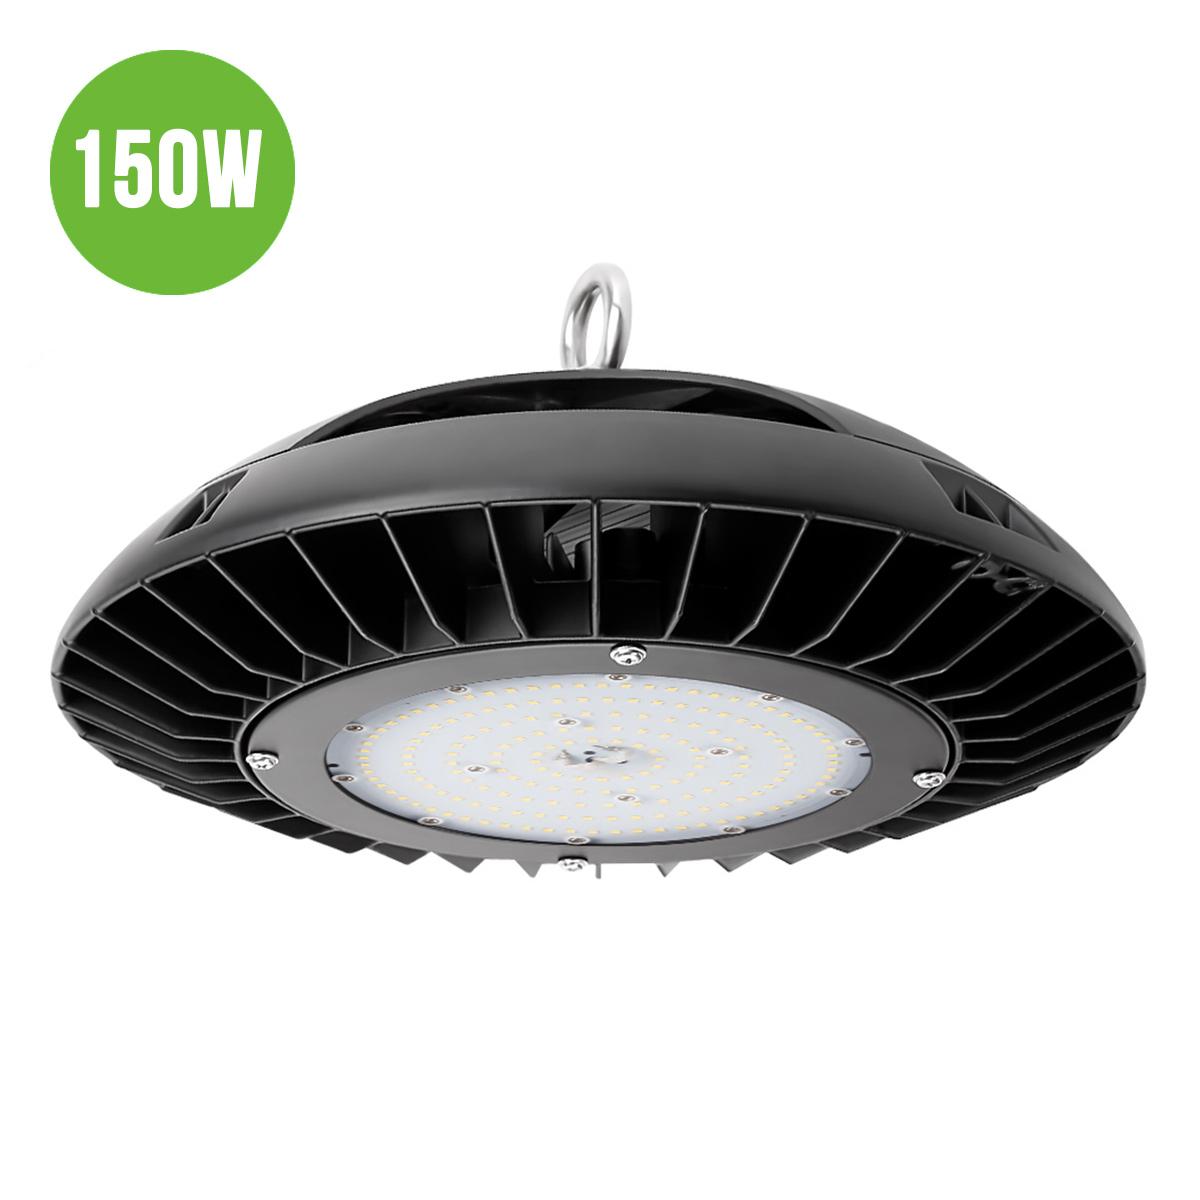 150W UFO LED Hallenstrahler, Dimmbar 15750lm Industrielampe, Ersatz für 300W HPS / MH, Wasserdicht, Kaltweiß